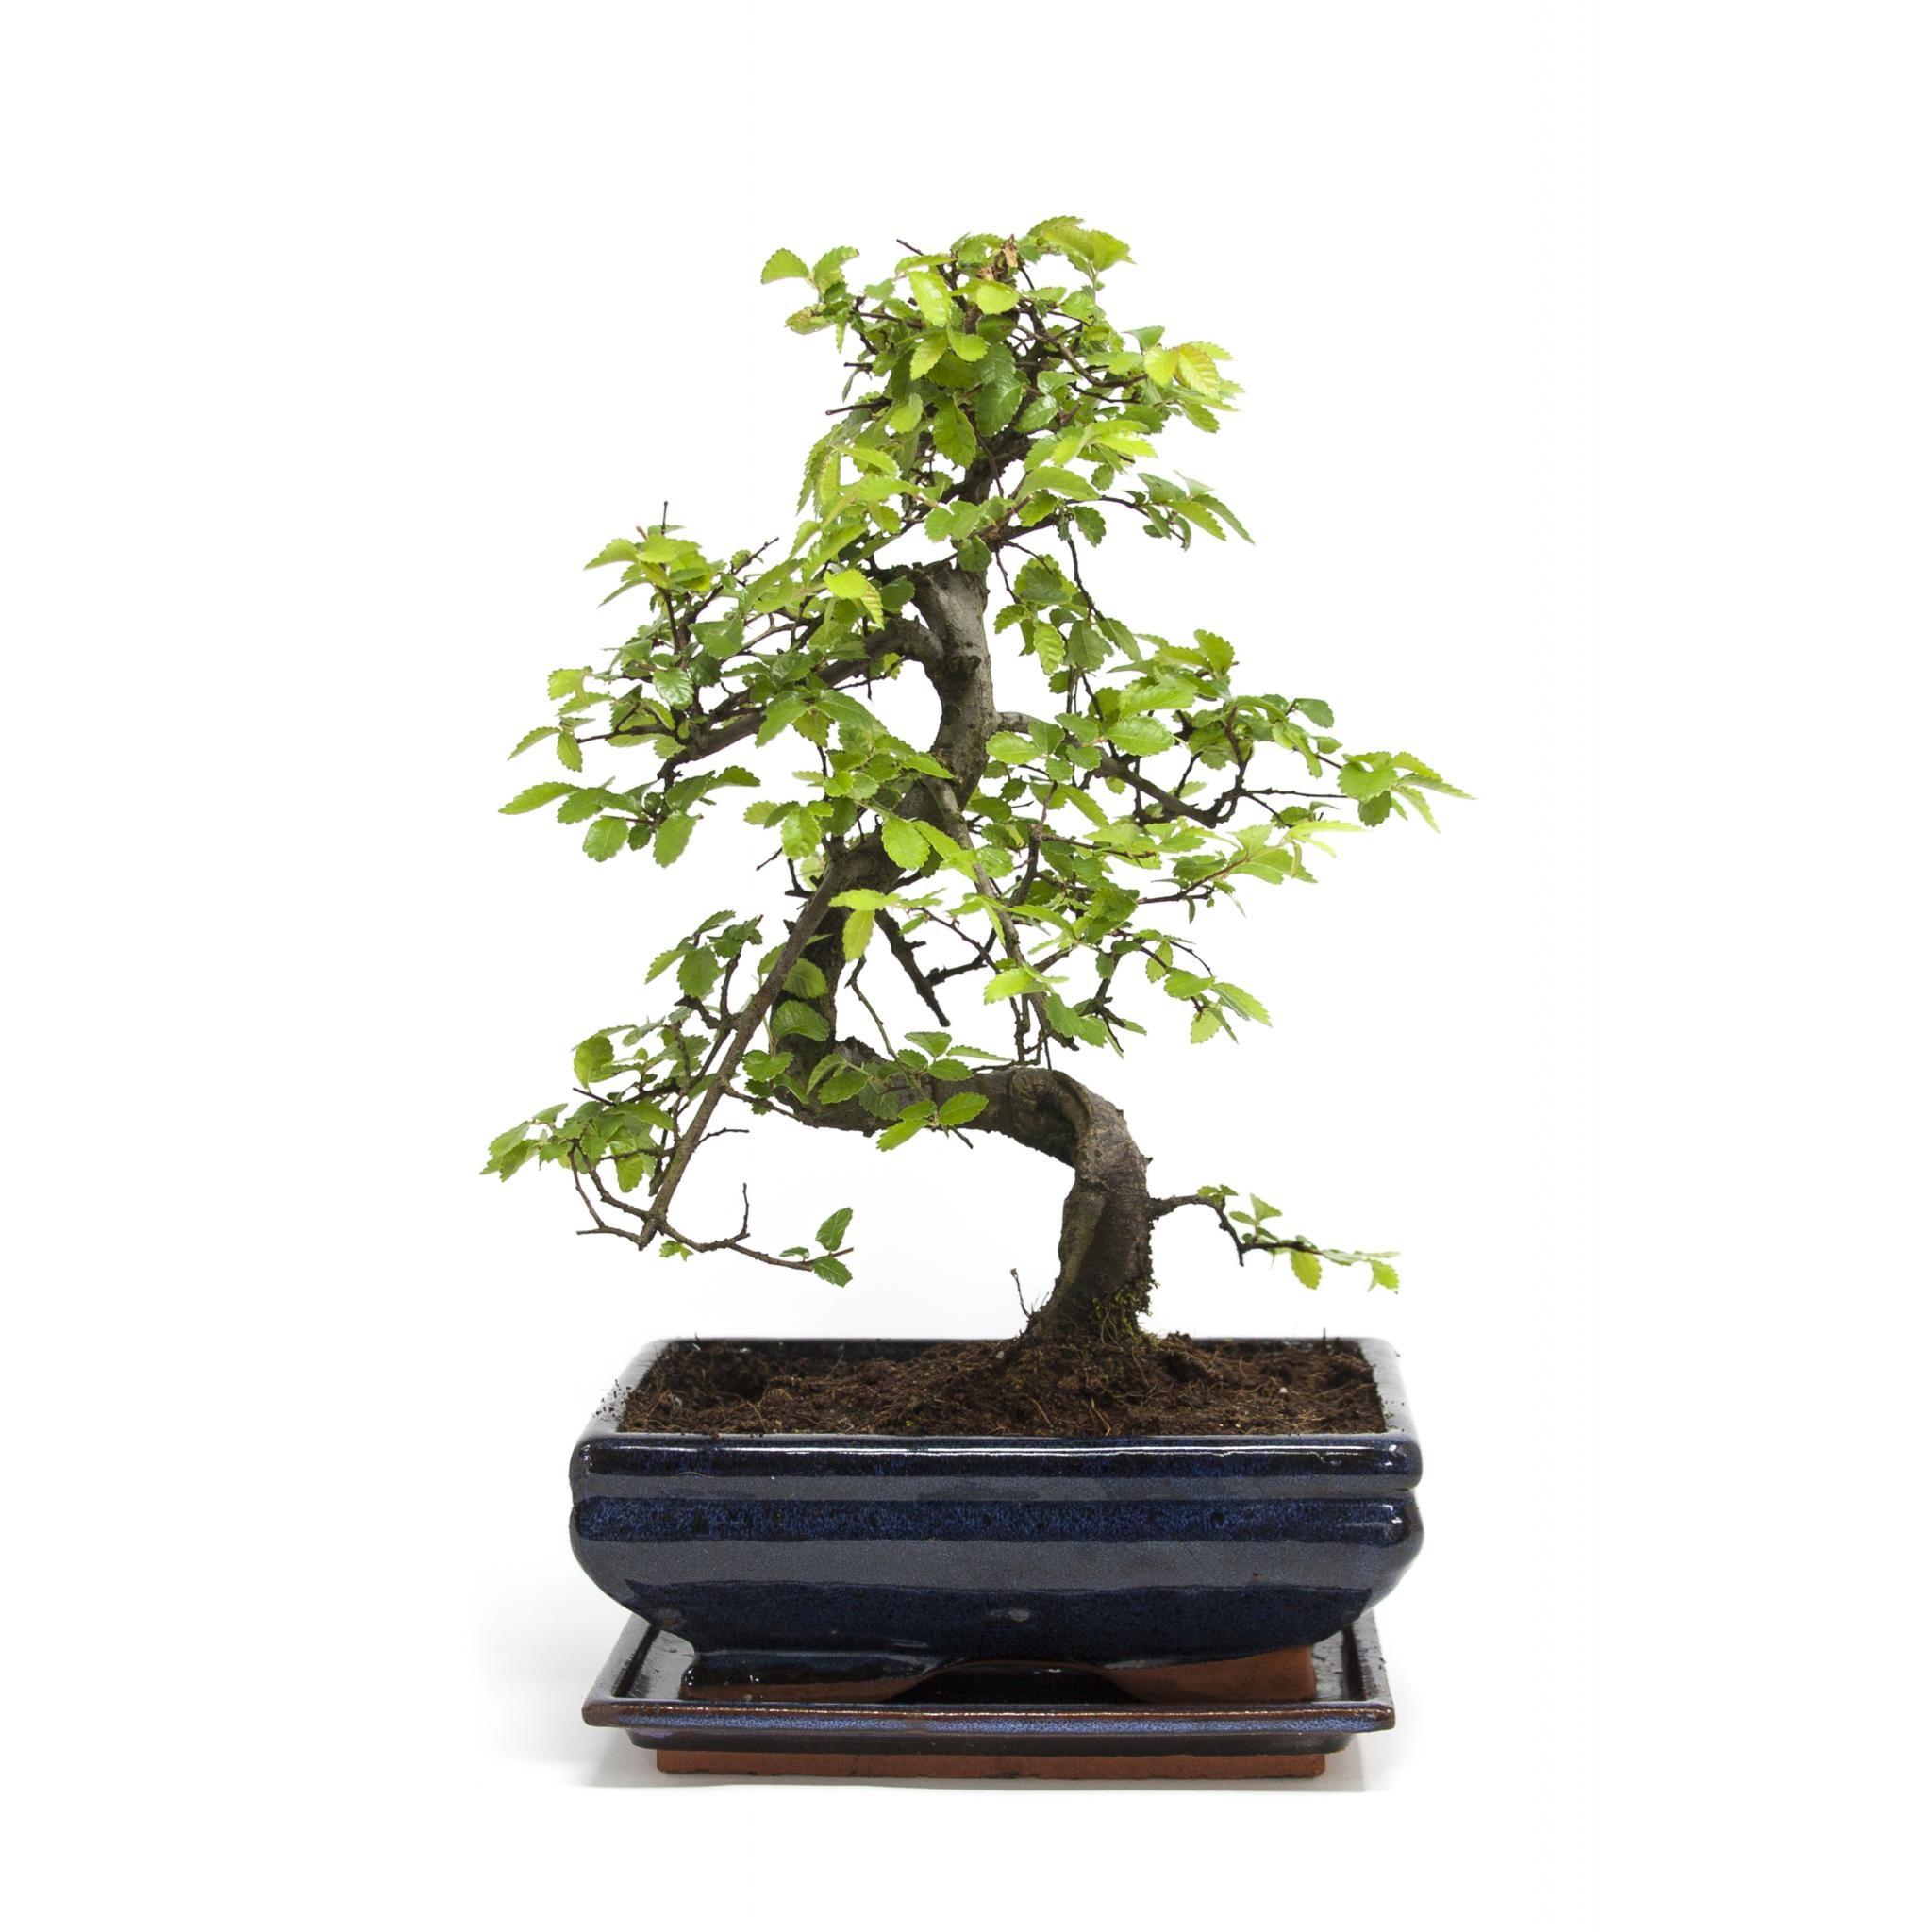 Les bonsaïs sont plantés dans de petits pots et ont donc un stockage limité pour les nutriments et l'eau.